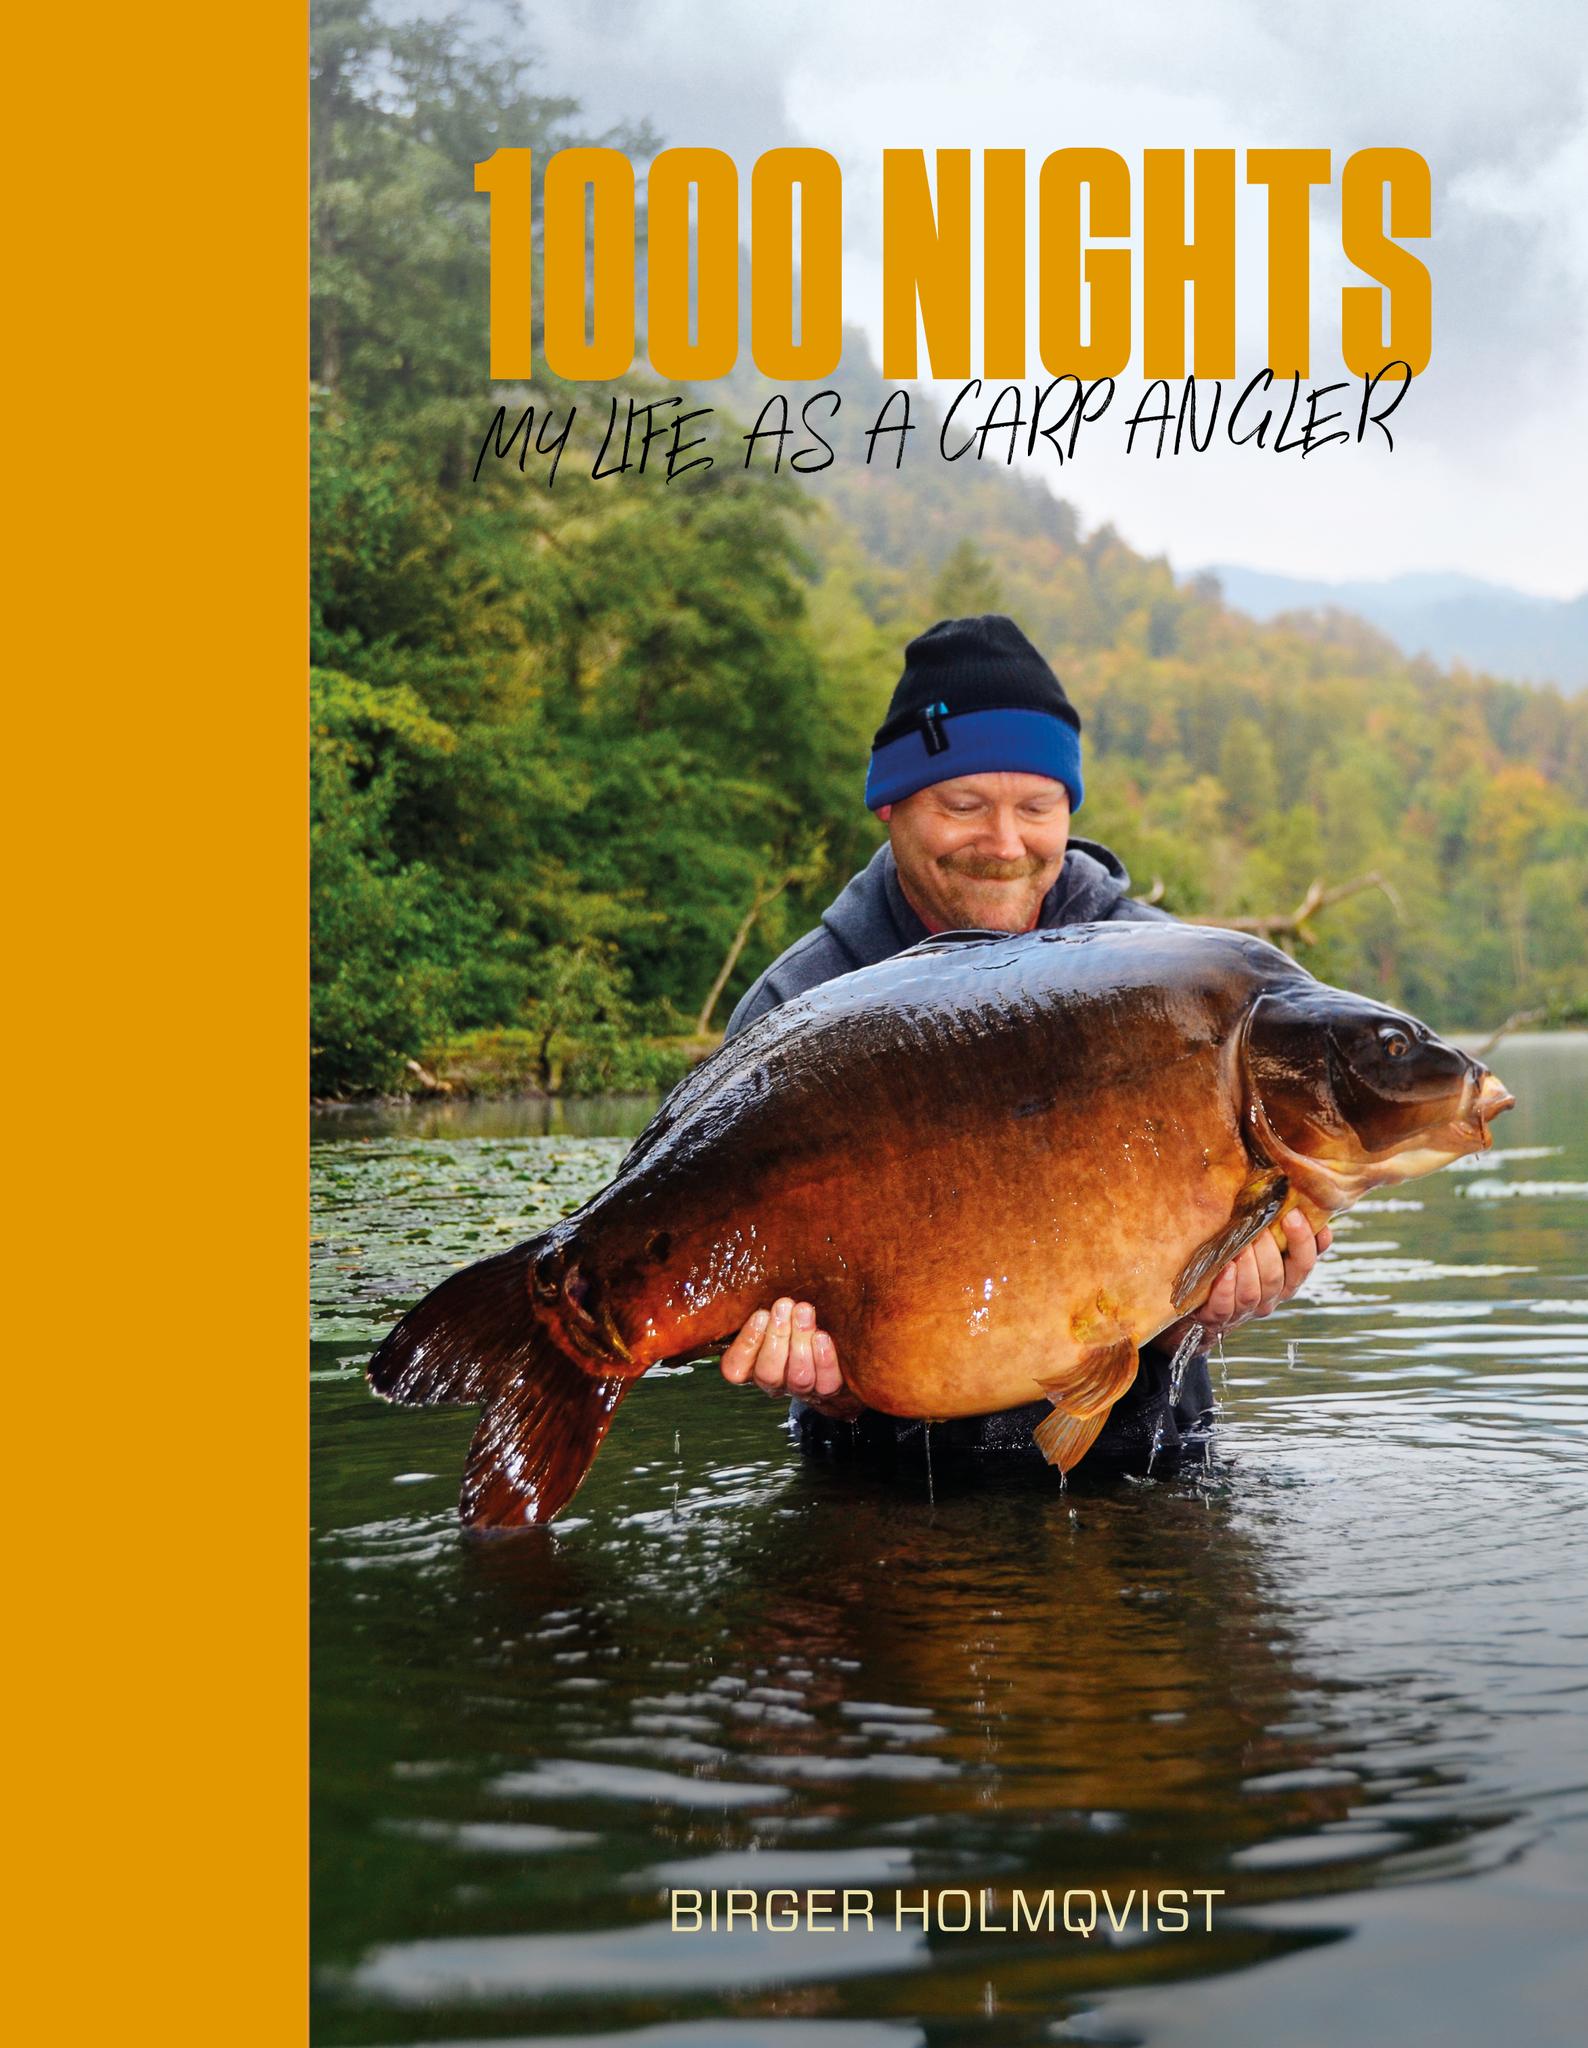 1000 nights - My life as a carp angler